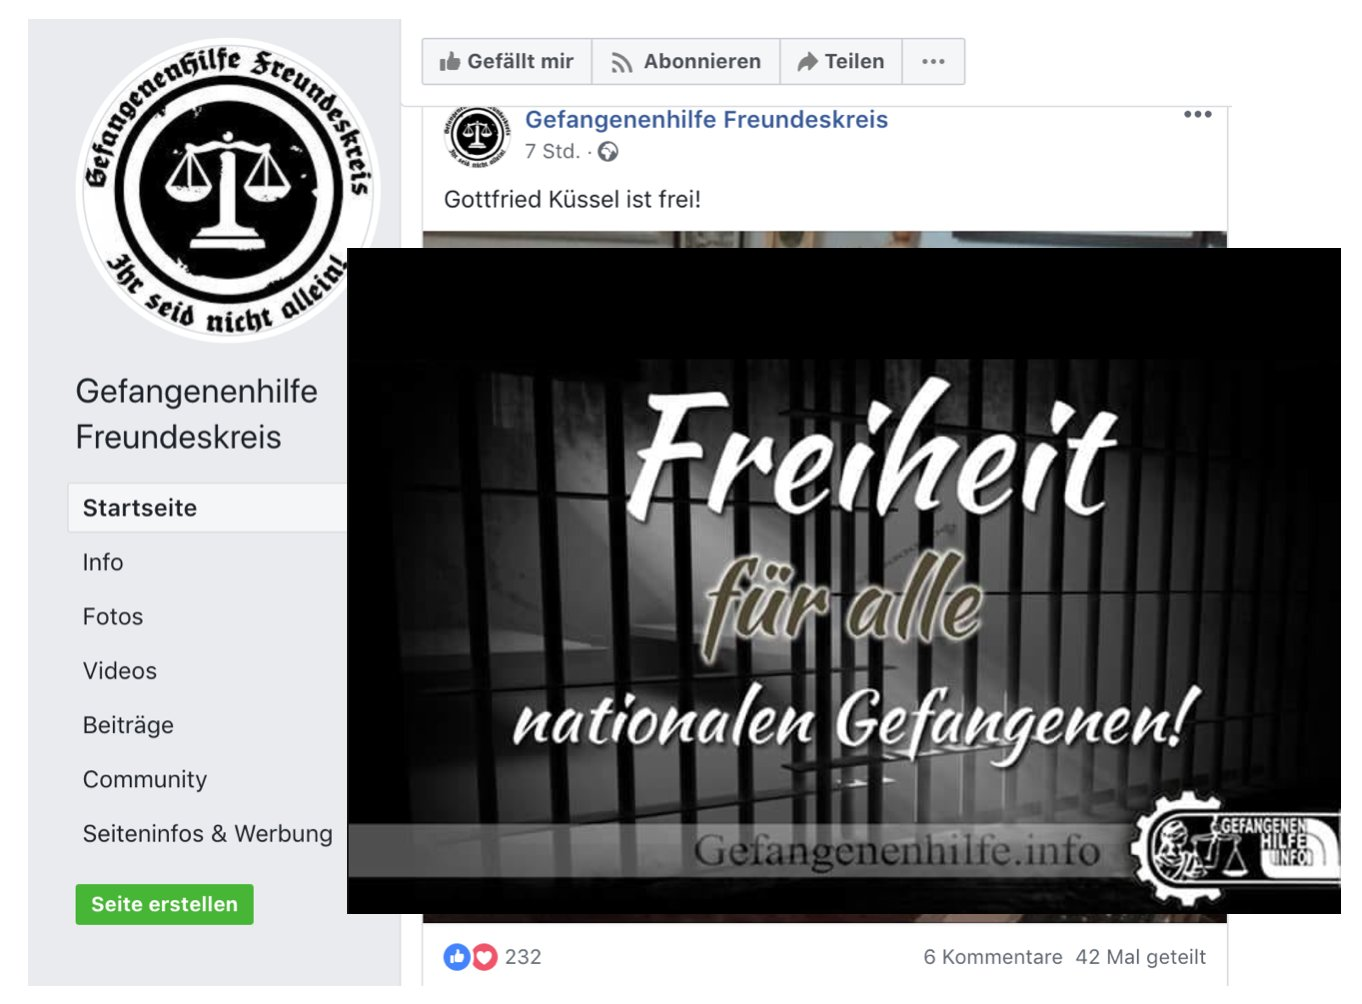 """Küssel wird von der """"Gefangenenhilfe Freundeskreis"""" begrüßt (Screenshot Facebook, Headerbild über Foto von Küssel montiert)"""